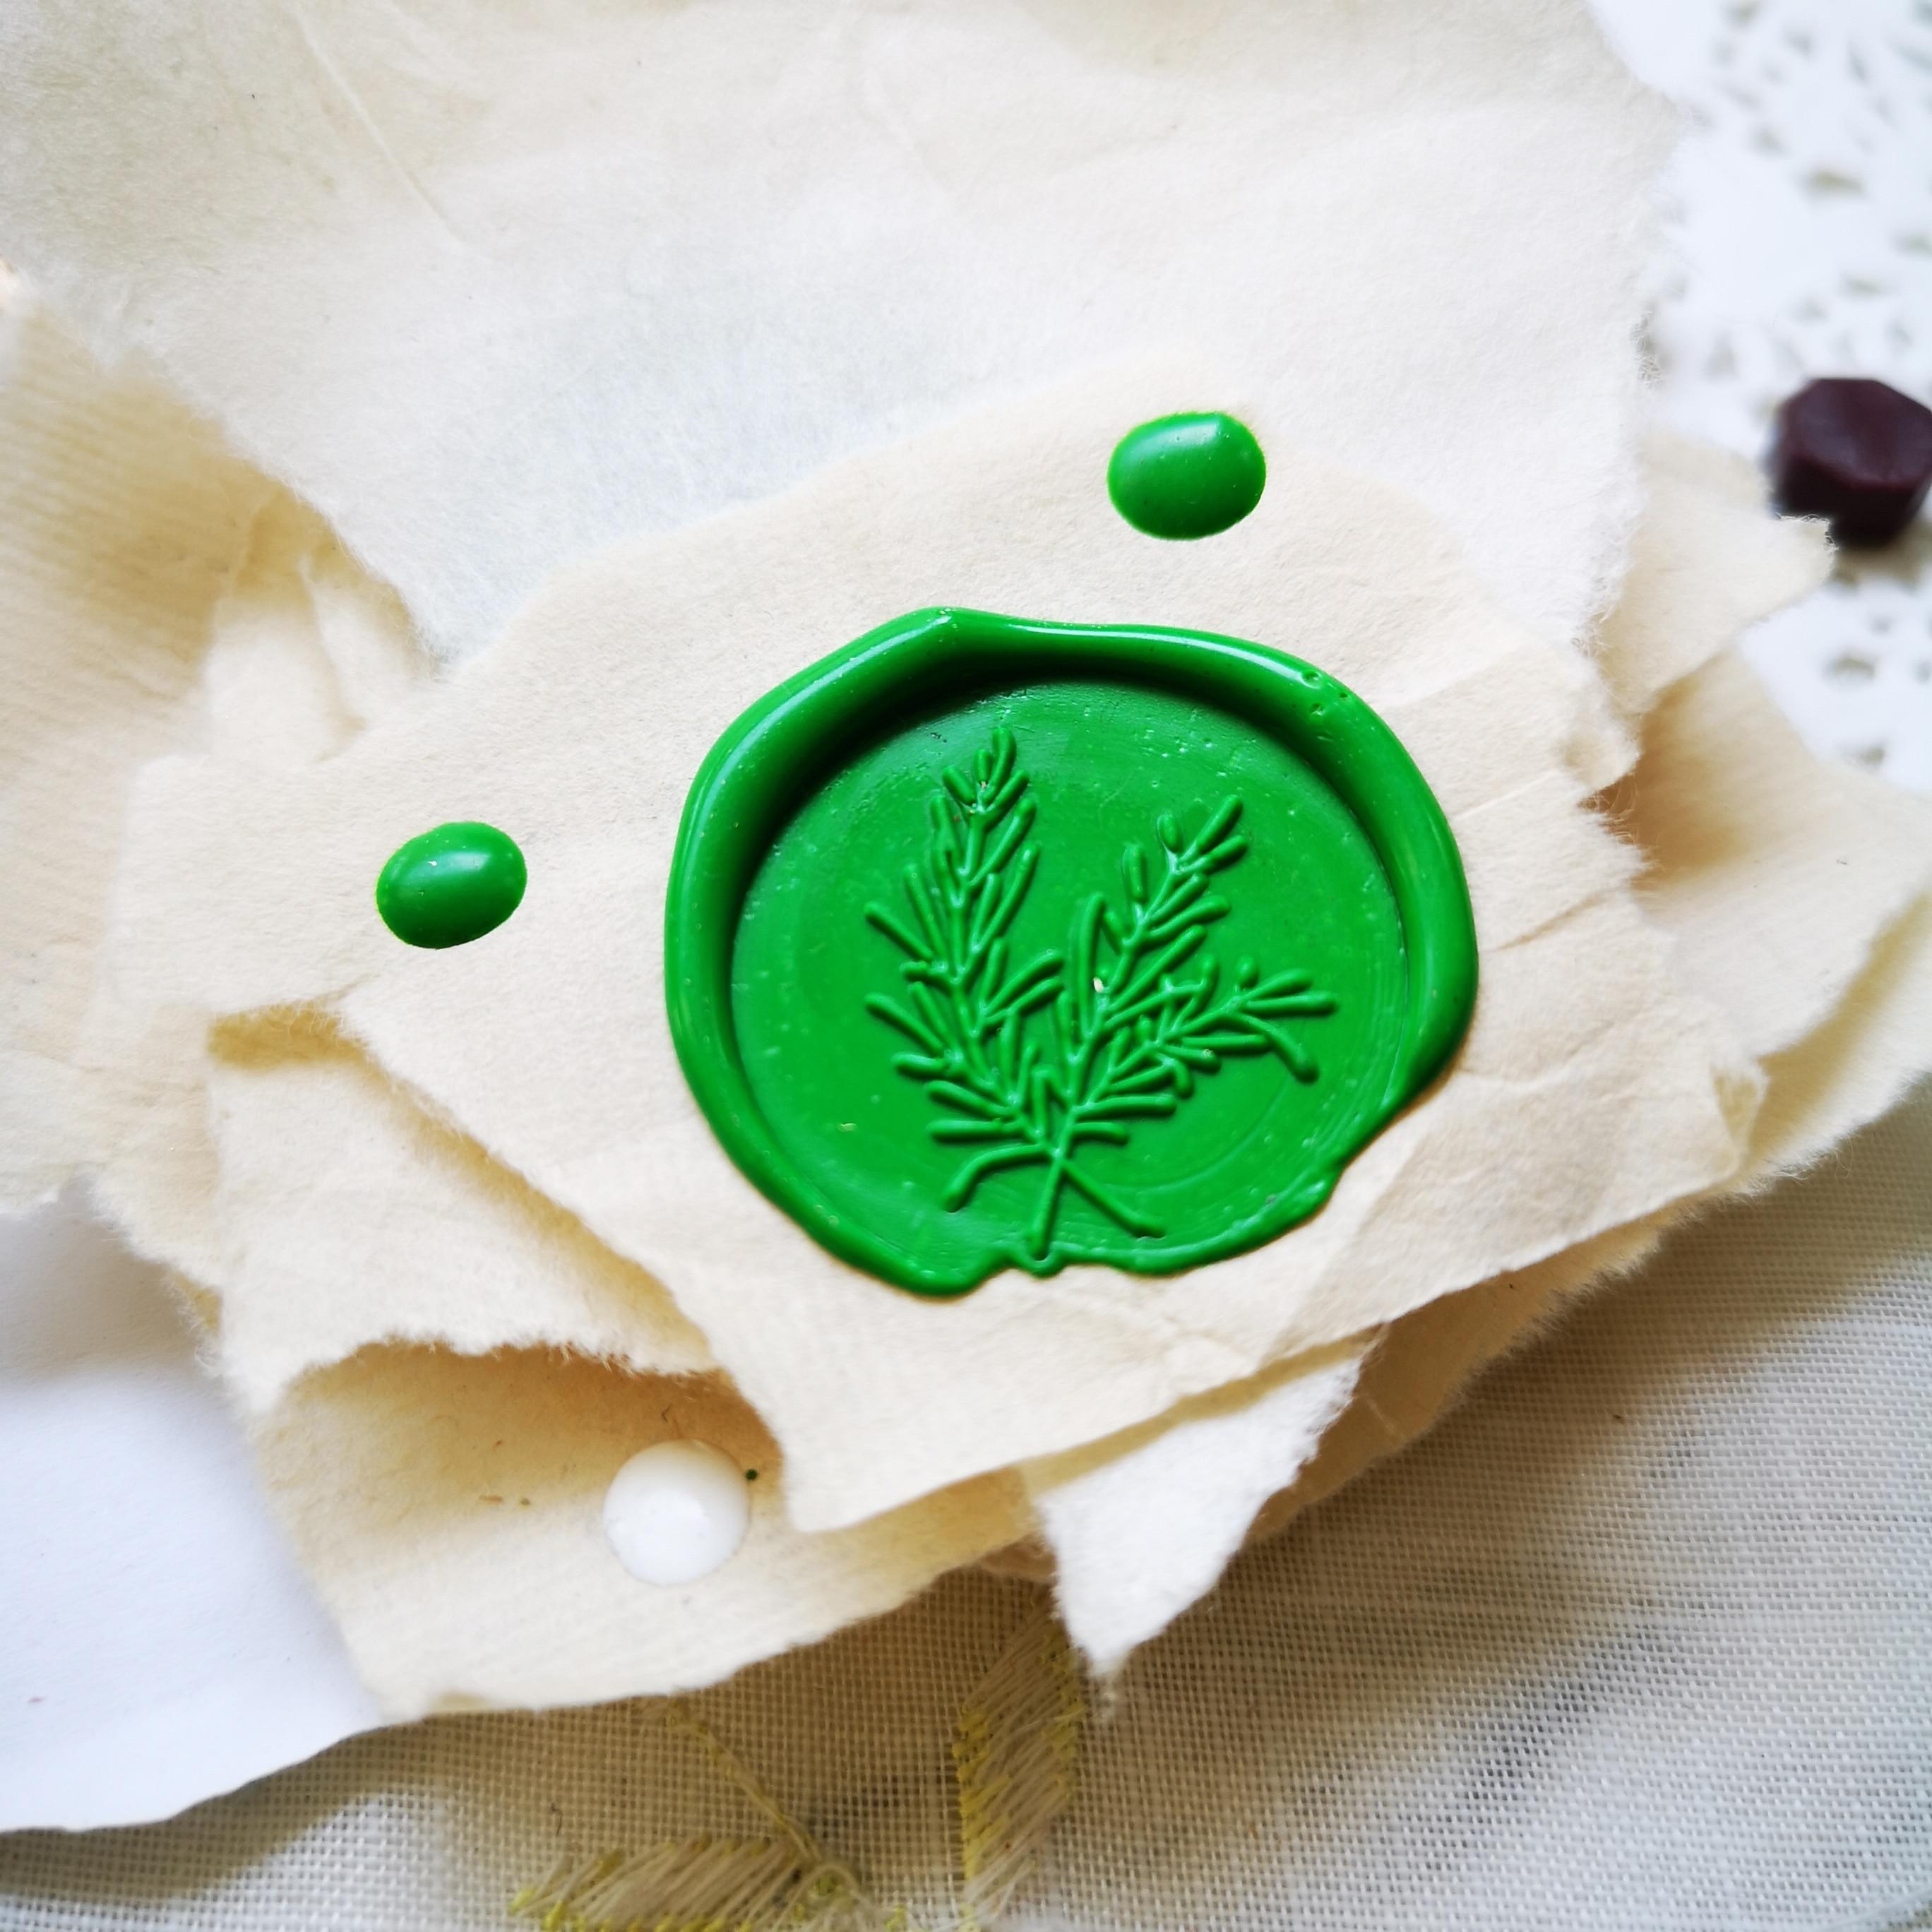 Venta caliente Grupo 8 hecho a mano hoja de planta flowe Rosa diy gifs sello para uso de álbum de recortes de amigo invasion